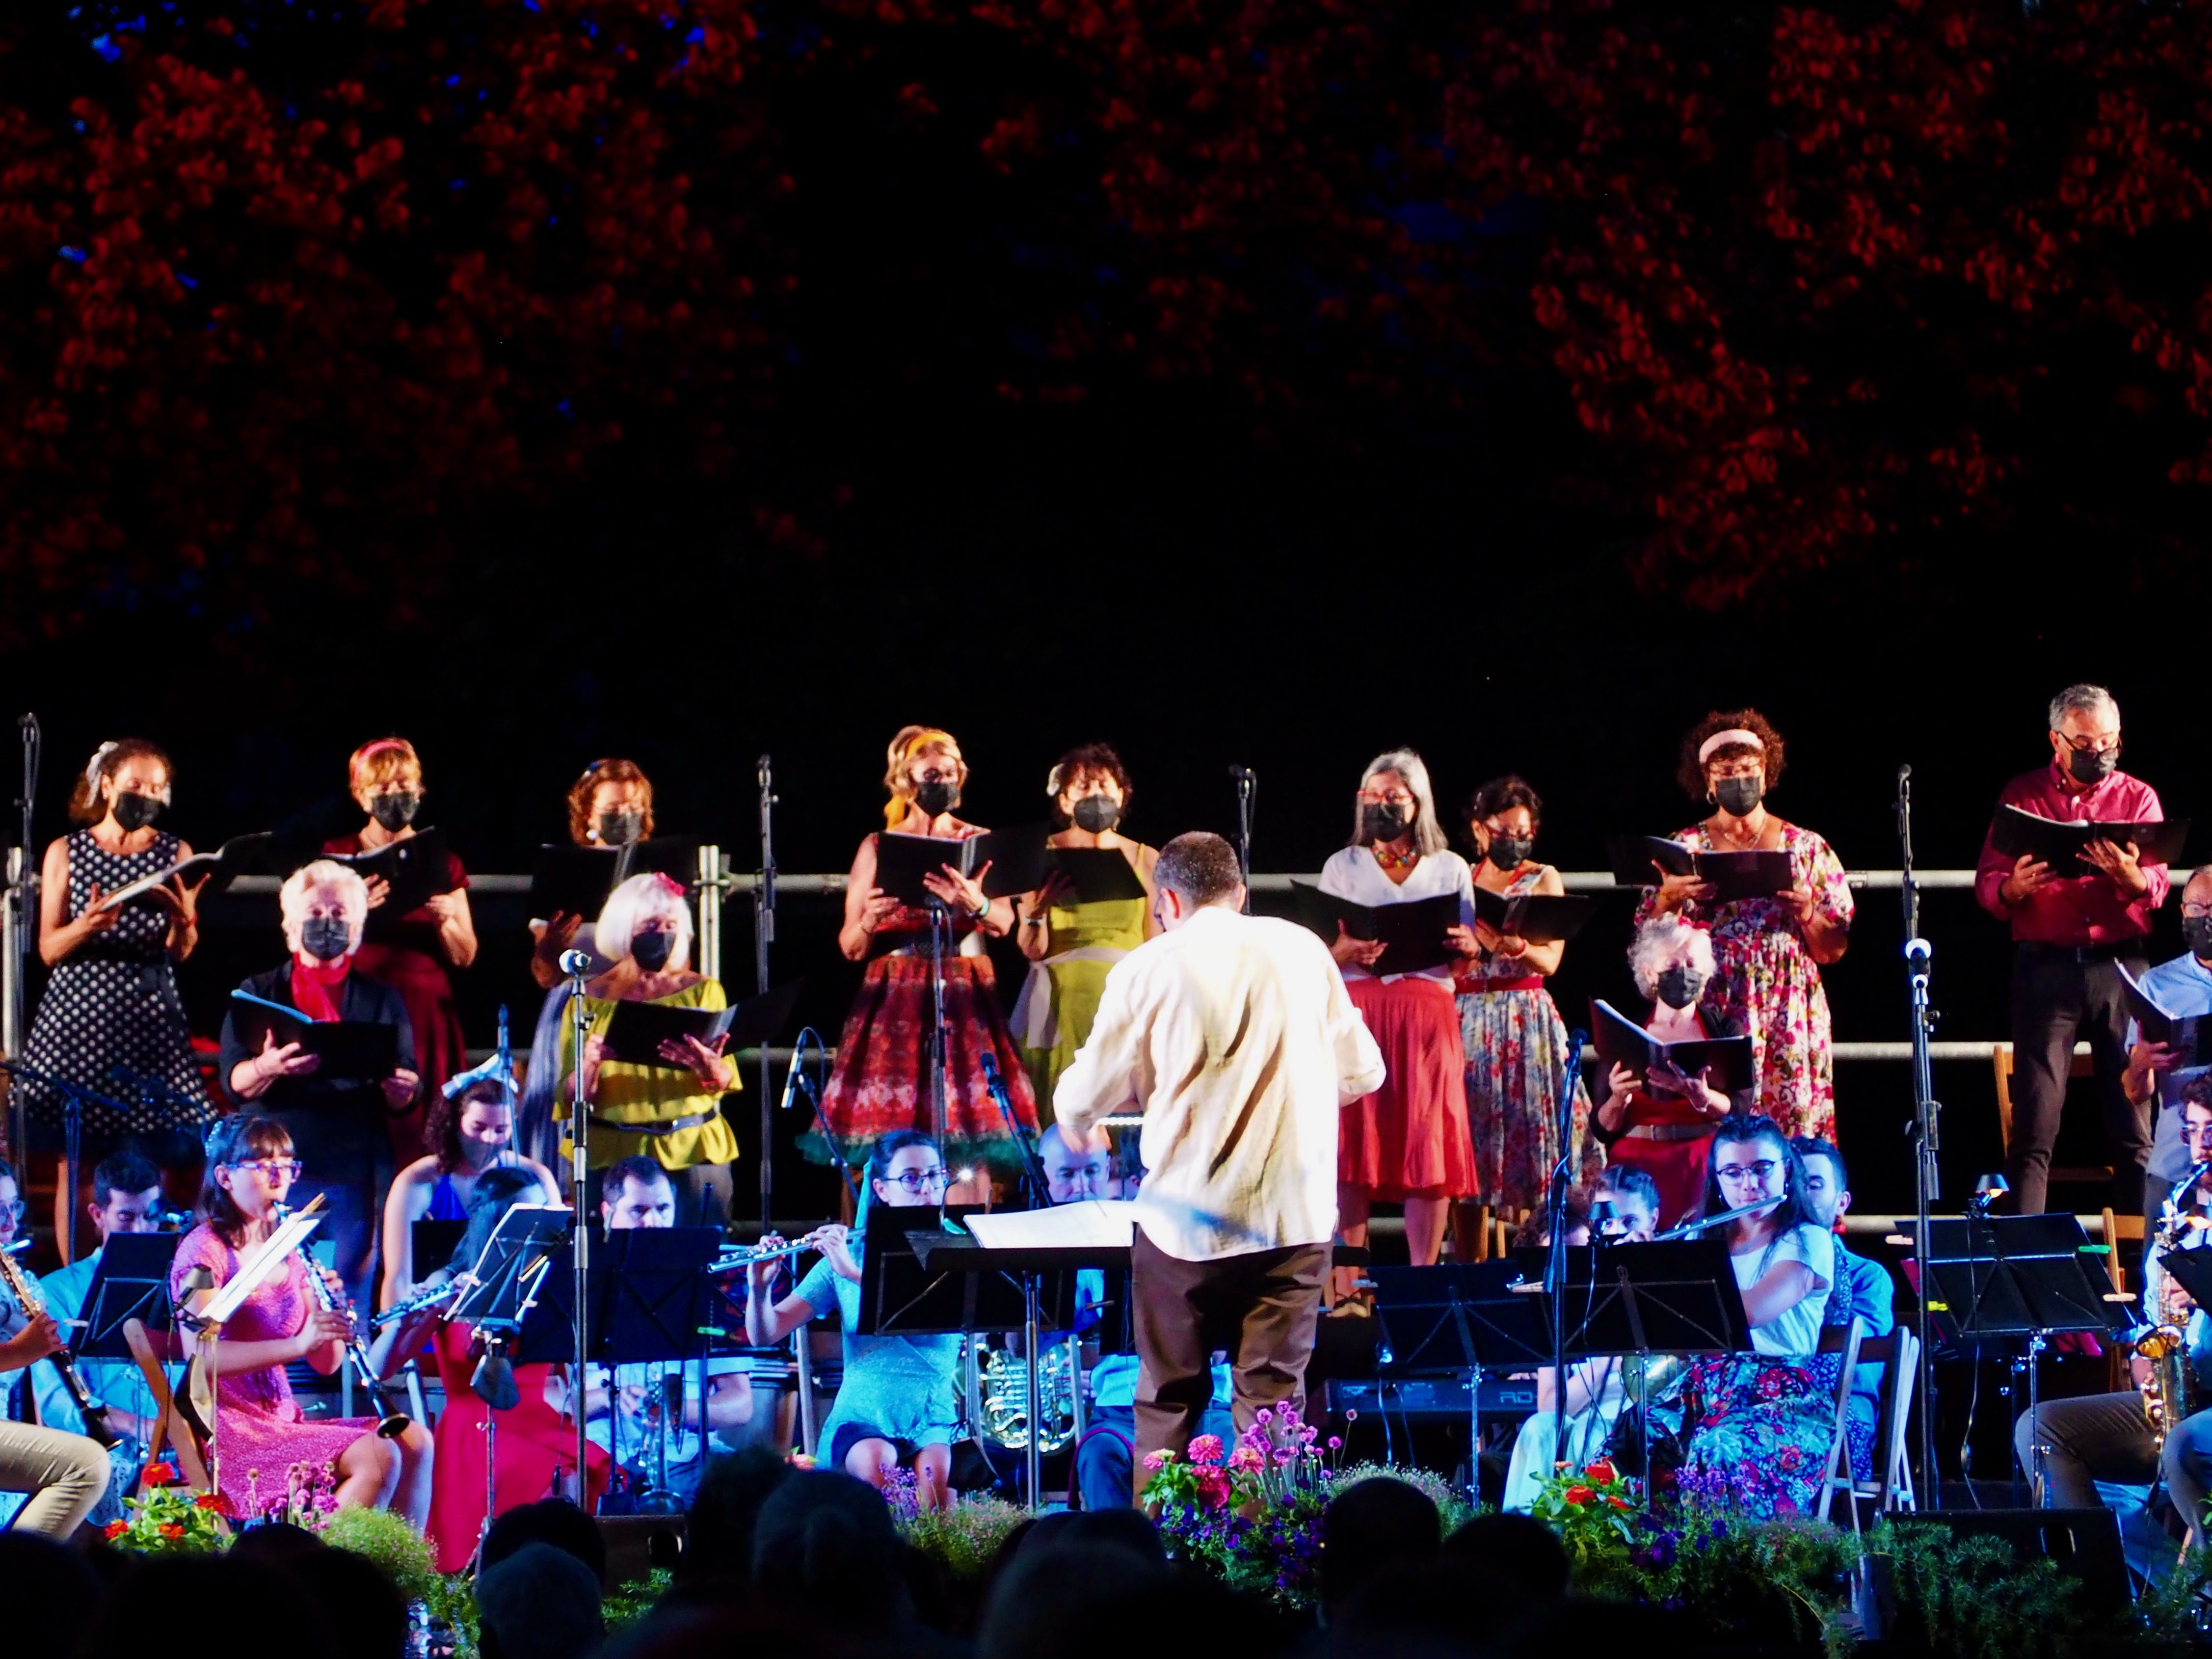 El Concert al Castell 2021 de l'Agrupació Musical de Cerdanyola del Vallès (AMCV). FOTO: Mónica García Moreno